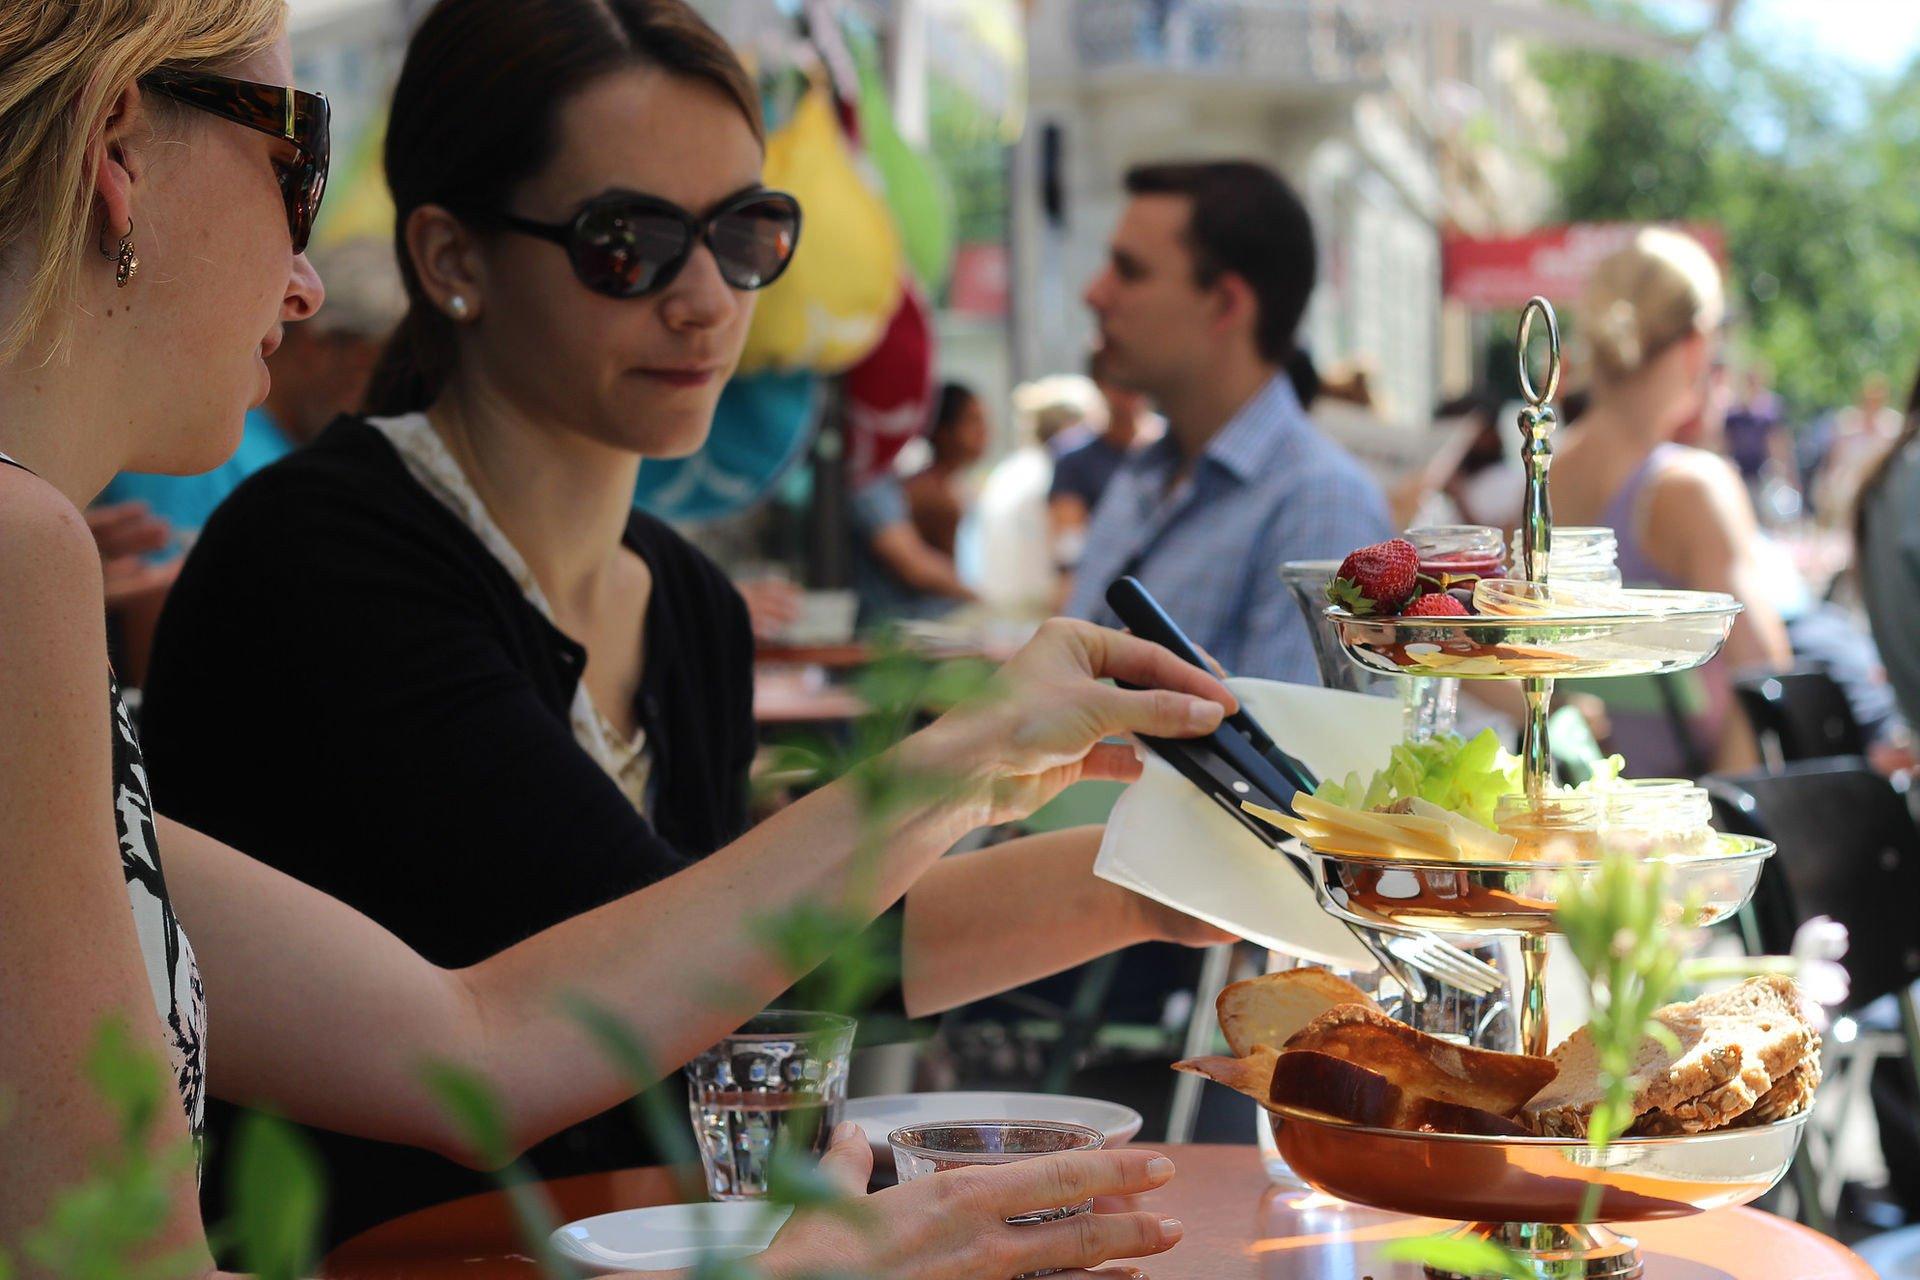 Café Frühling: Der Besuch dieses Cafés lohnt sich allein schon wegen des Kaffees aus der eigenen Rösterei. Hier legt man Wert auf frische, regionale und saisonale Produkte.